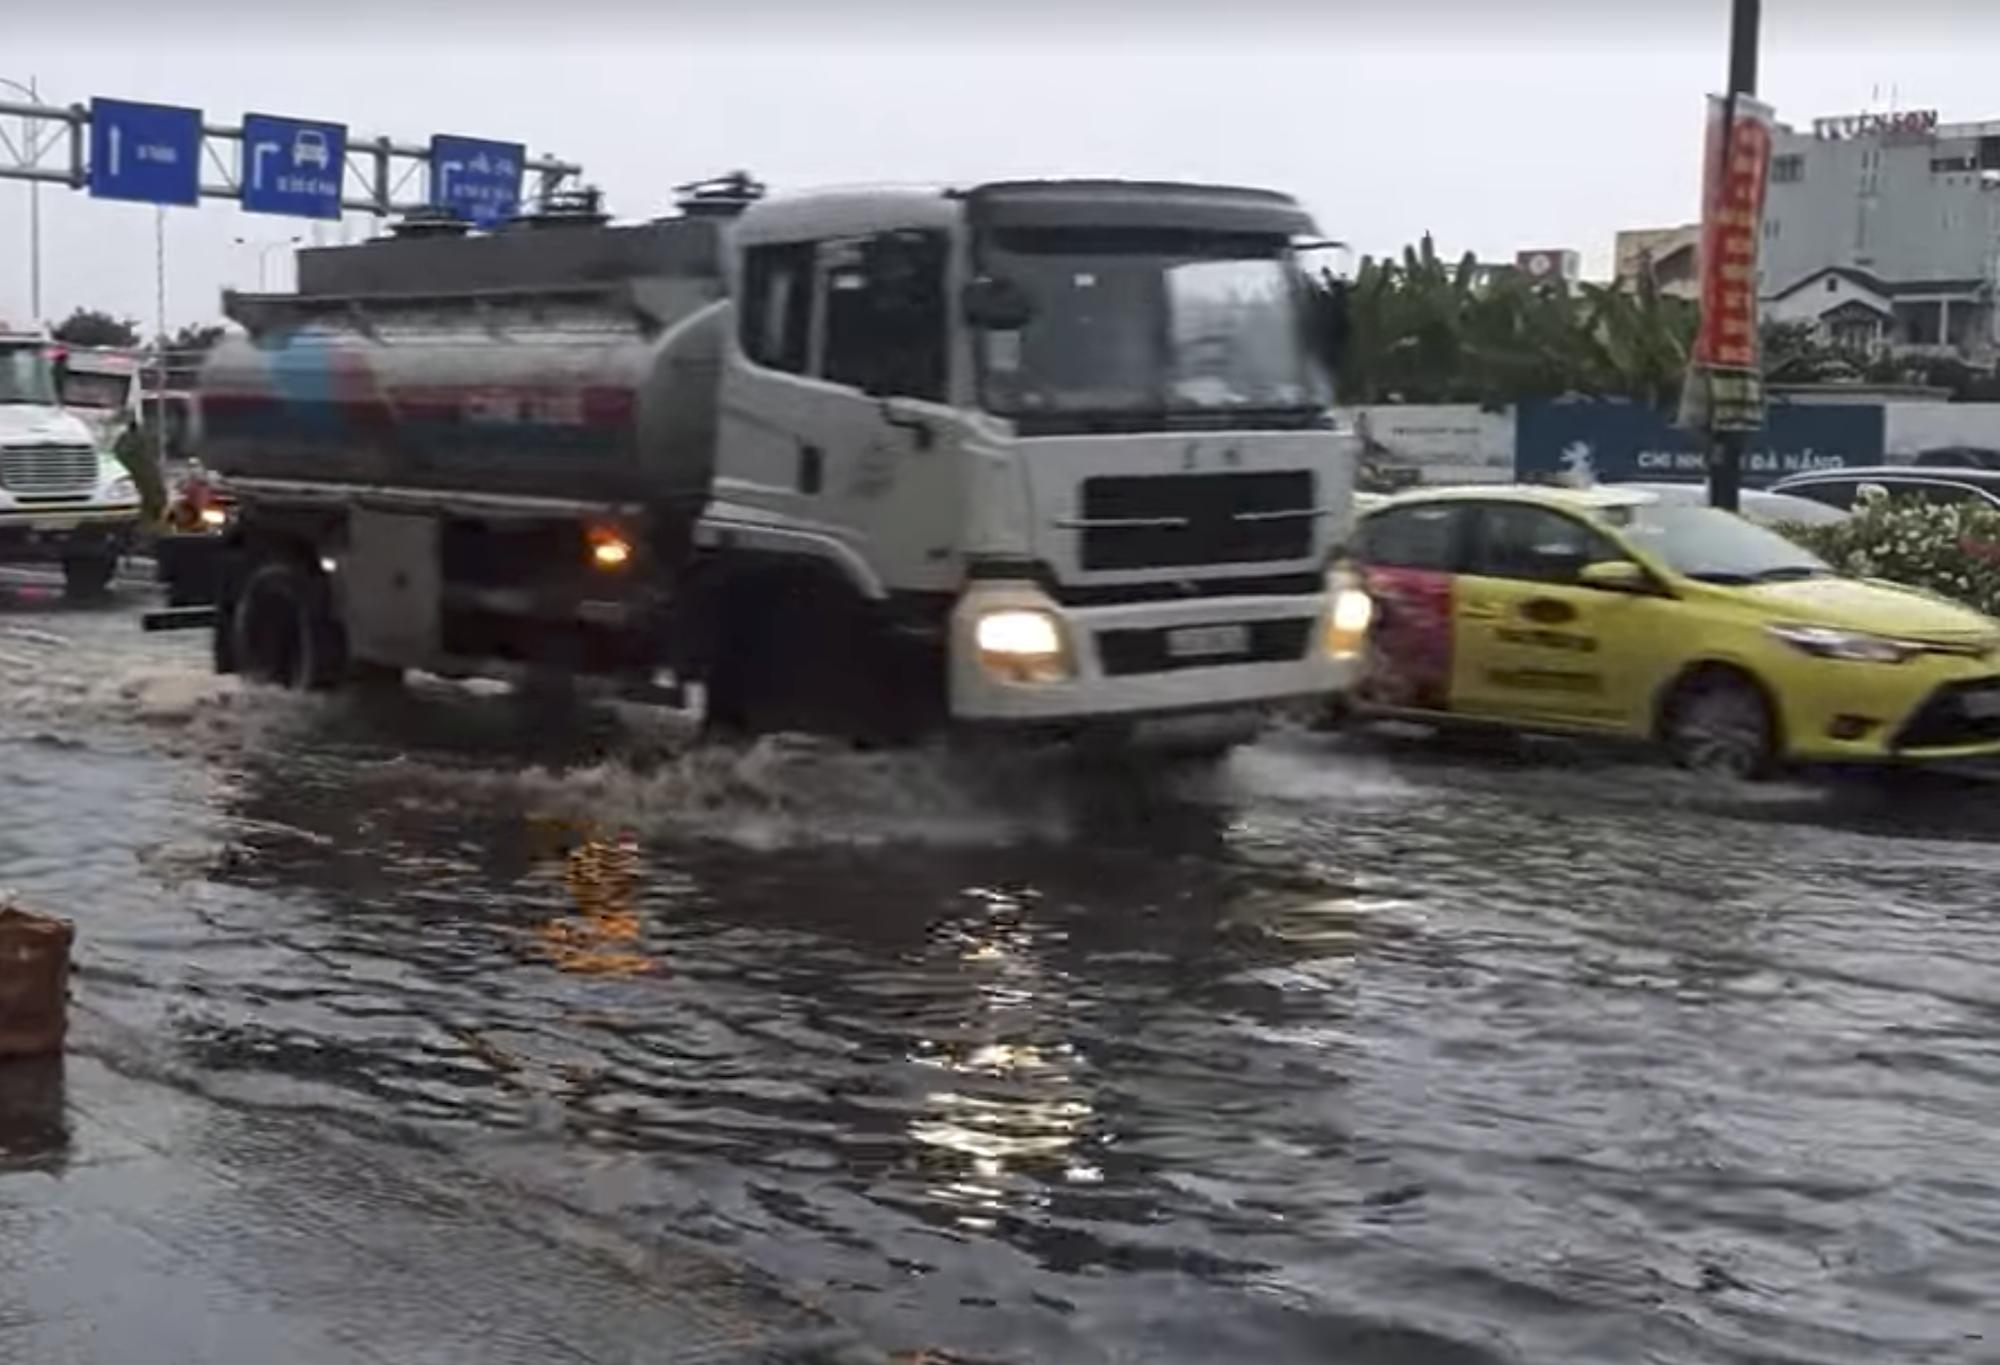 Đà Nẵng ngập đường sau mưa dông khoảng 30 phút - Ảnh 2.